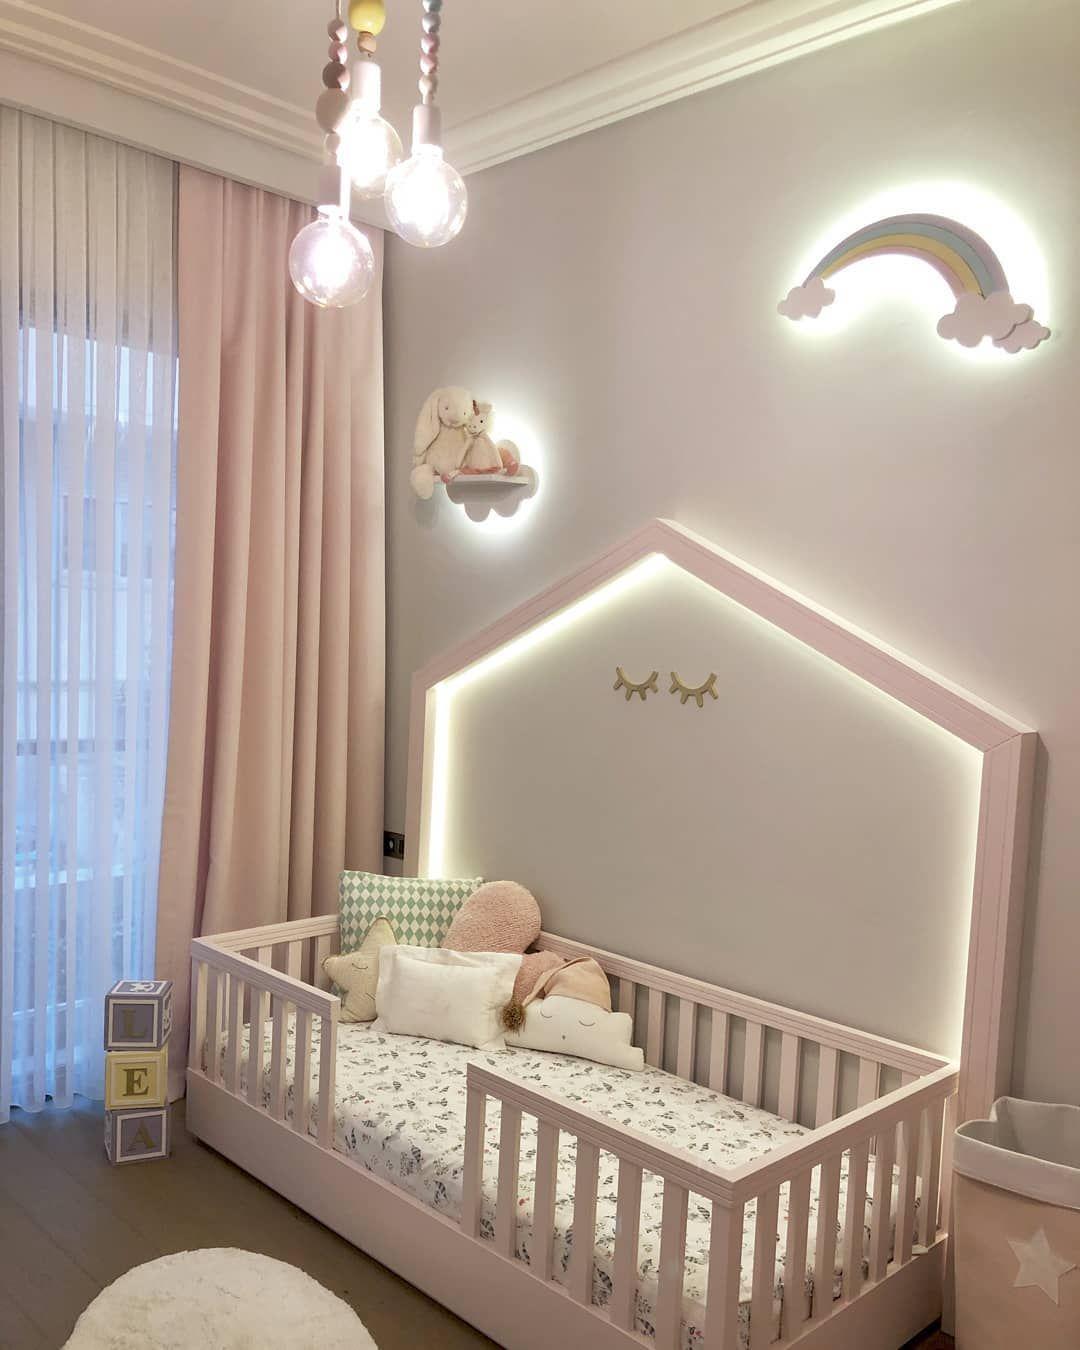 Pokój dla niemowlaka - w jaki sposób go zaaranżować i na czym się skupić? 1